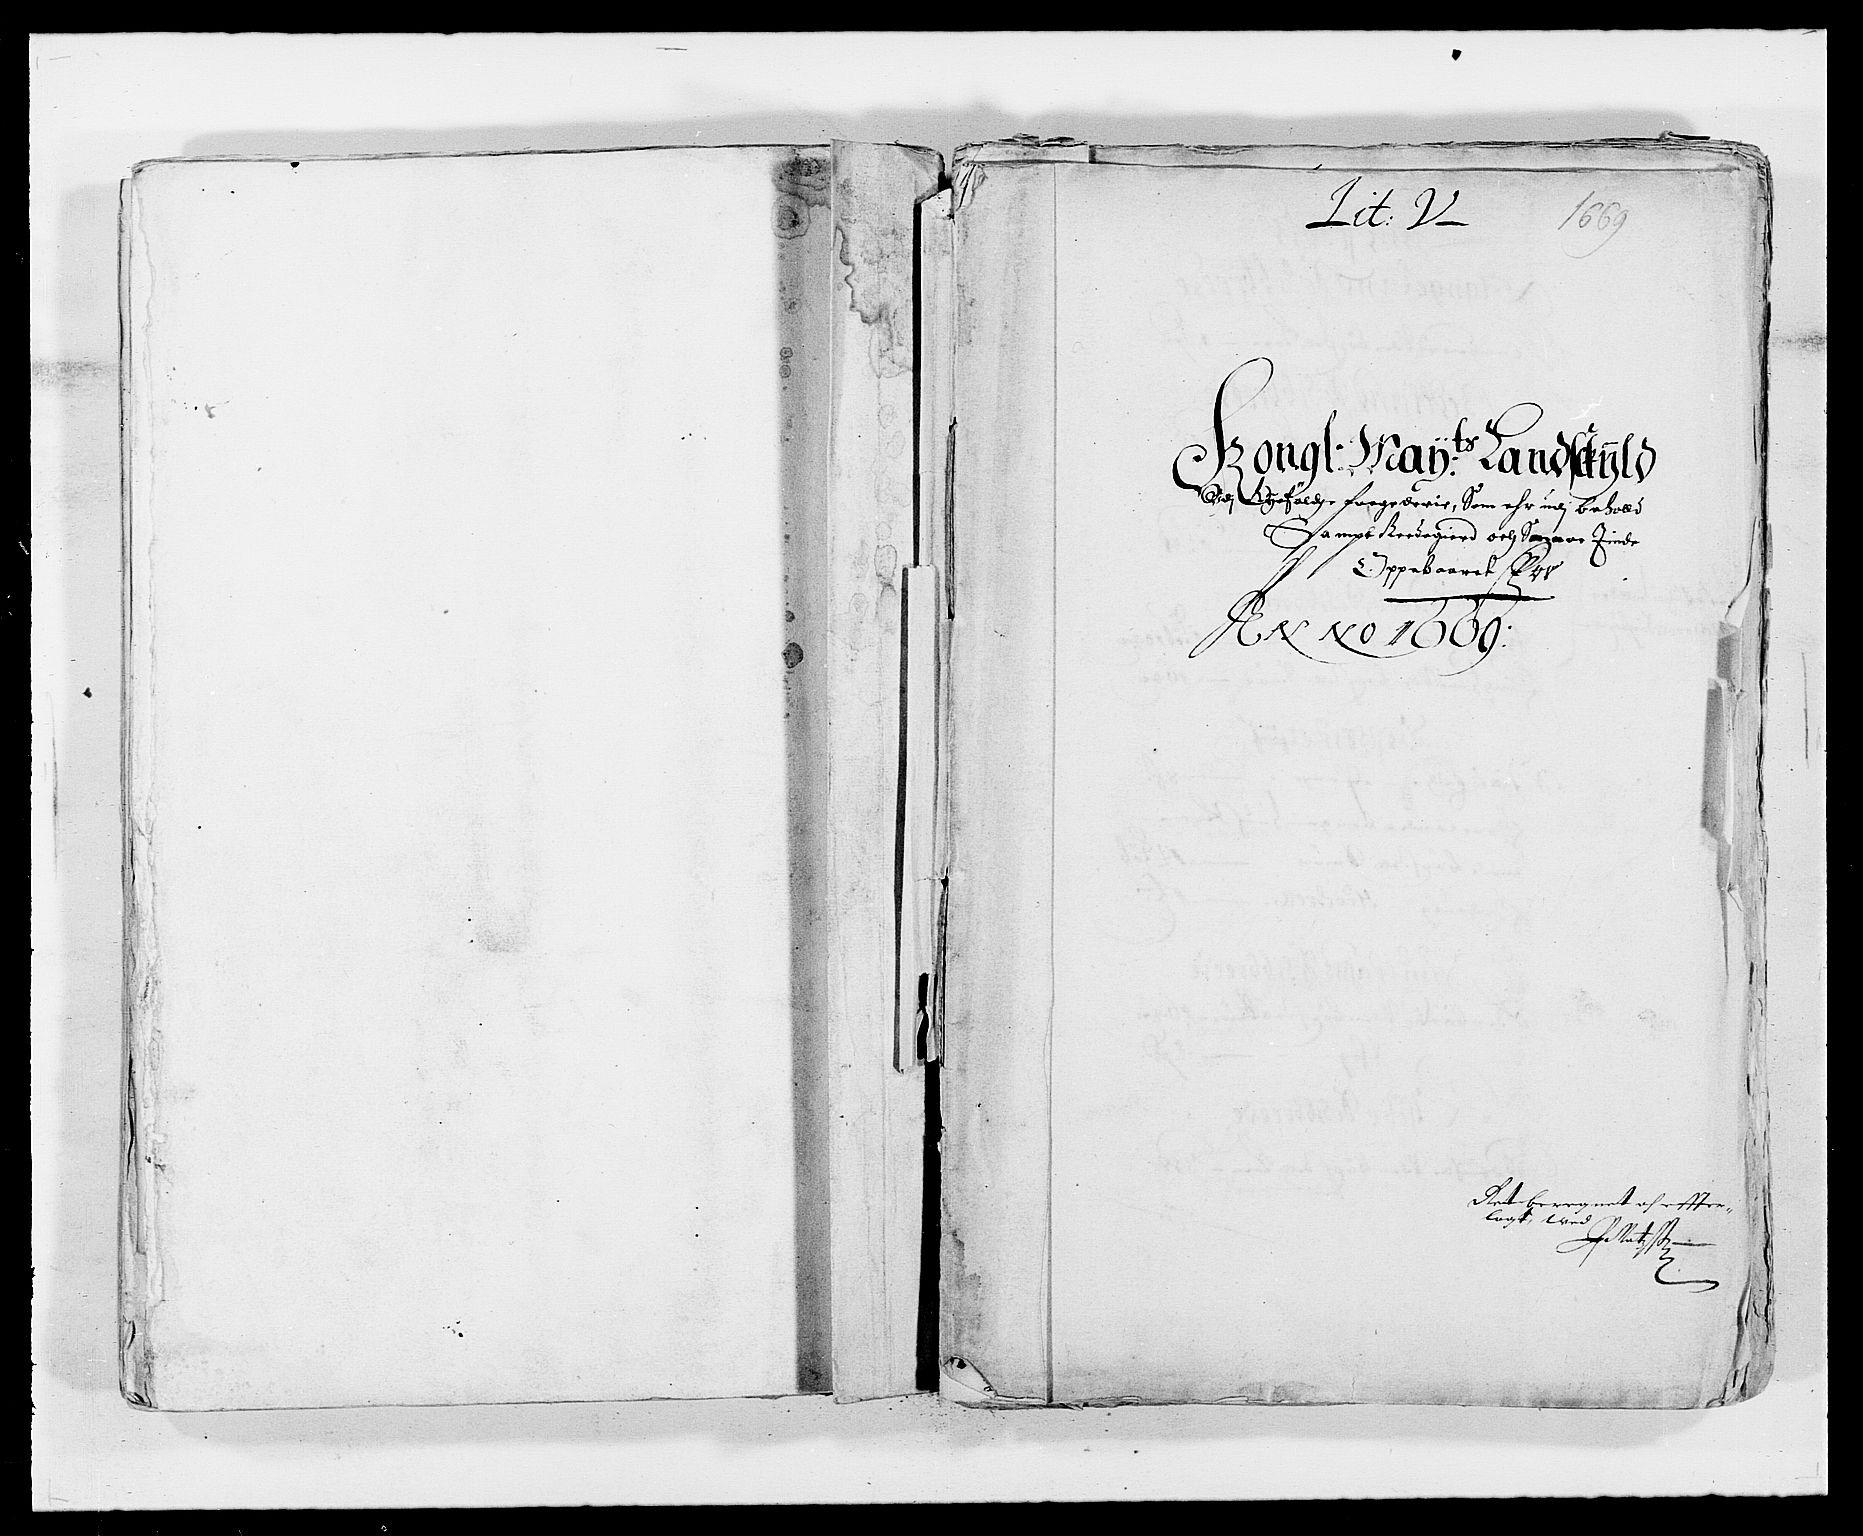 RA, Rentekammeret inntil 1814, Reviderte regnskaper, Fogderegnskap, R47/L2842: Fogderegnskap Ryfylke, 1665-1669, s. 127